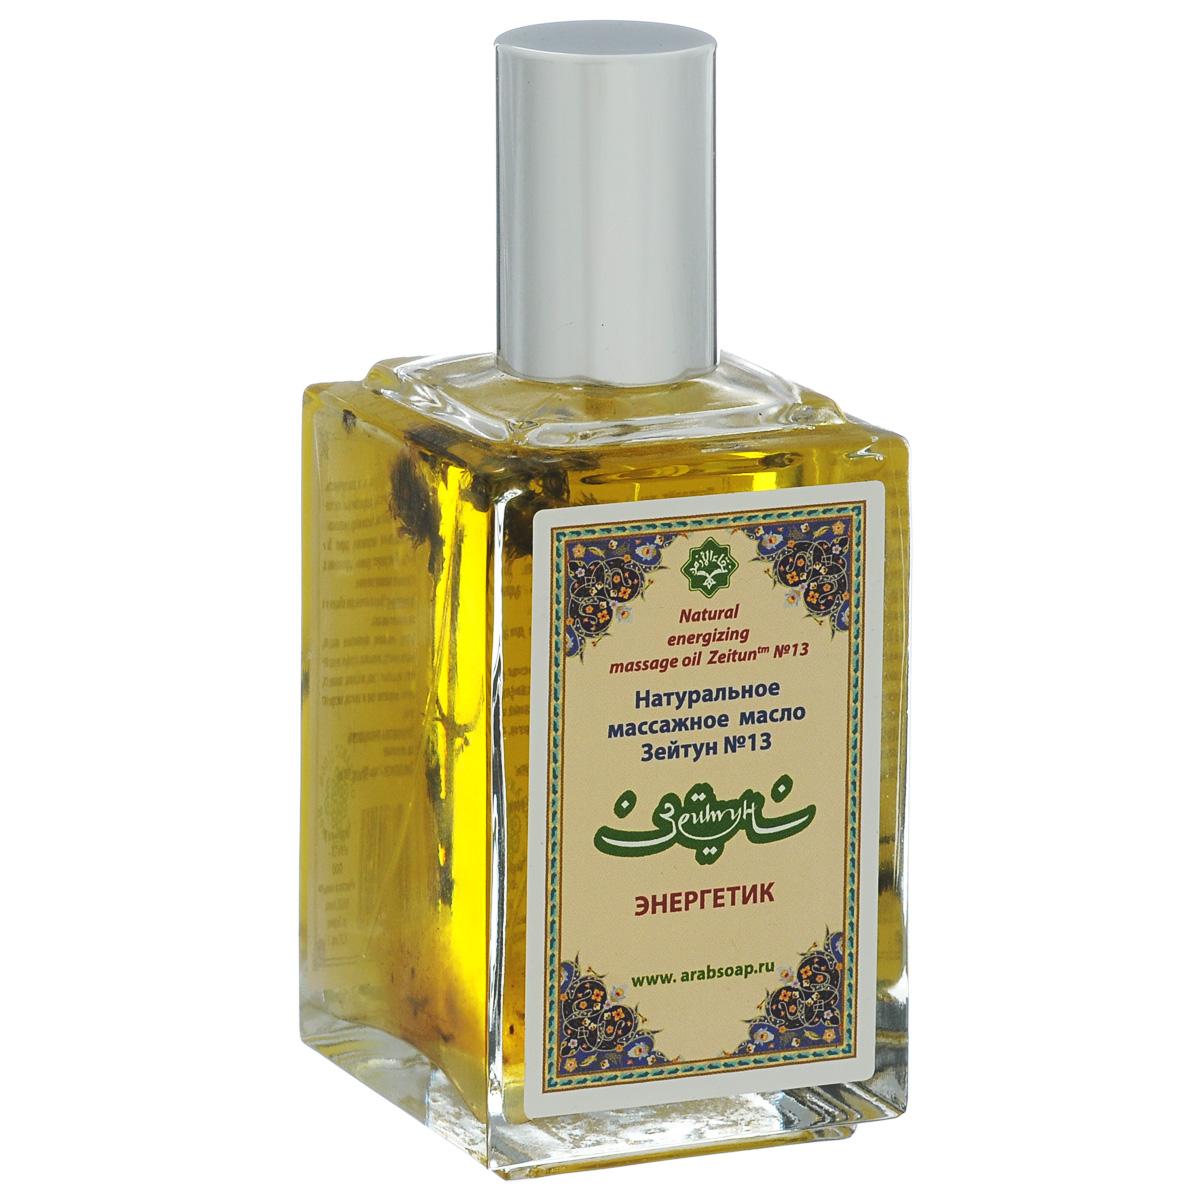 Зейтун Массажное масло №13 общеукрепляющее, 100 млZ3213Питает, увлажняет, укрепляет кожу, омолаживает, придаёт коже ровный, красивый цвет. Прекрасно устраняет морщины, избавляет от шелушения. Обладаем общеукрепляющим аромаэффектом благодаря смеси эфирных масел в составе.